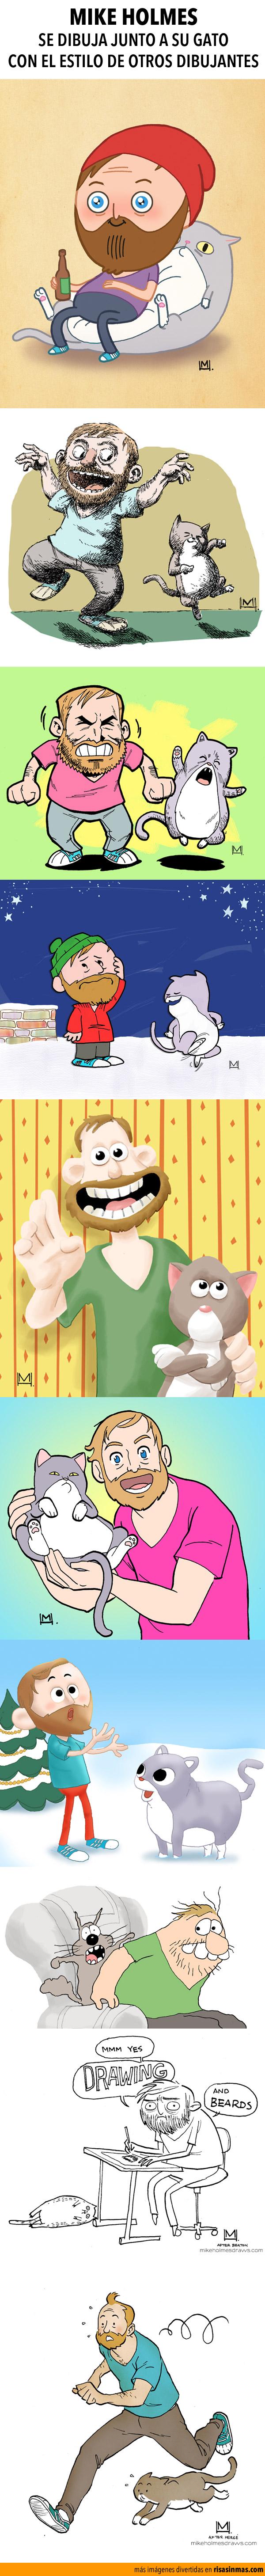 Mike Holmes y su gato